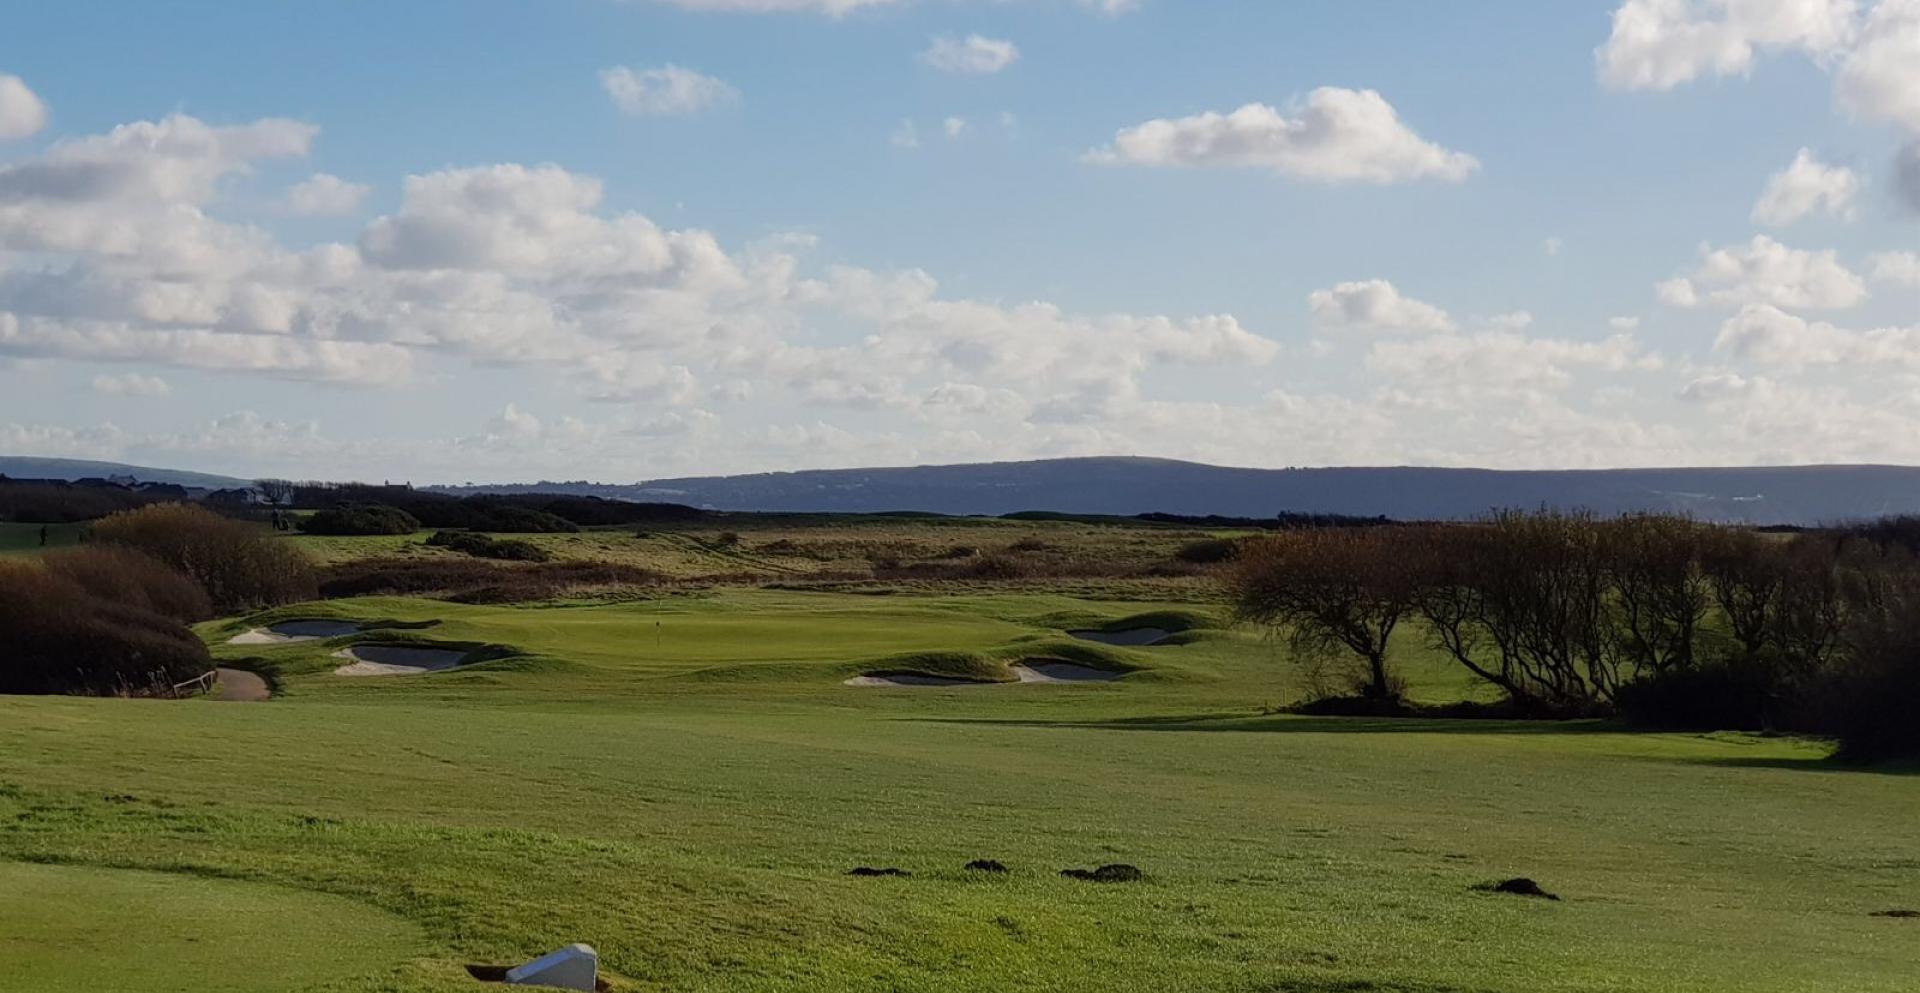 Barton-on-Sea Golf Club, England